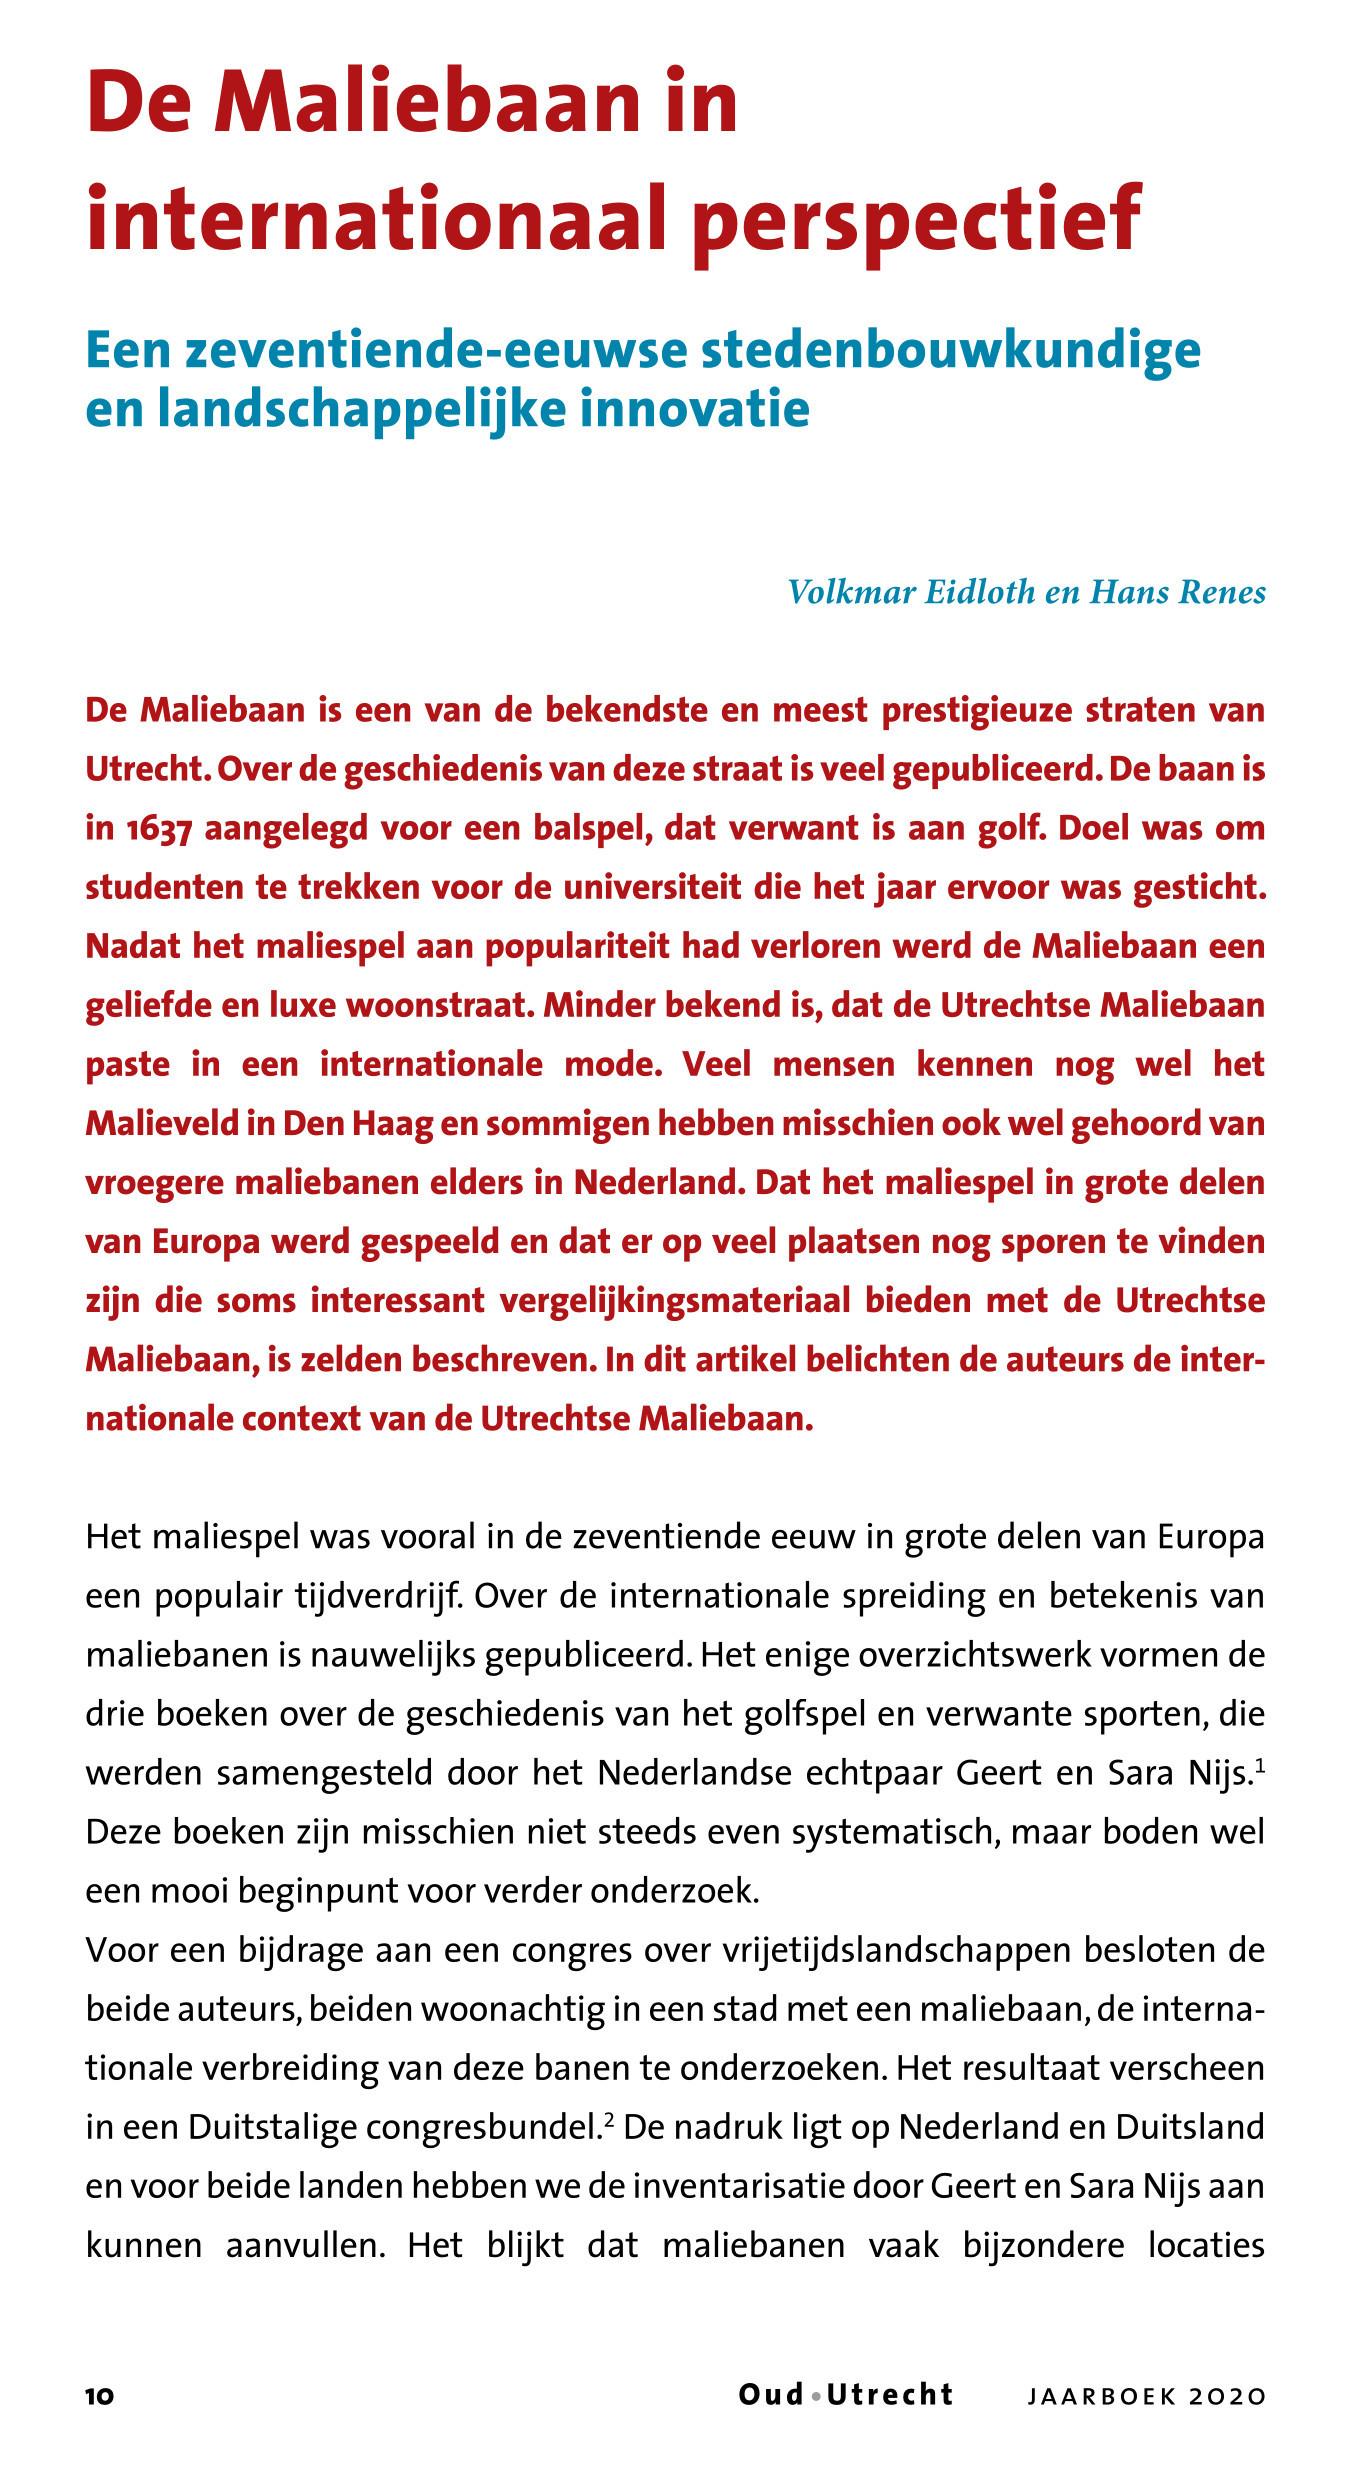 Volkmar Eidloth en Hans Renes, De Maliebaan in internationaal perspectief - 2020